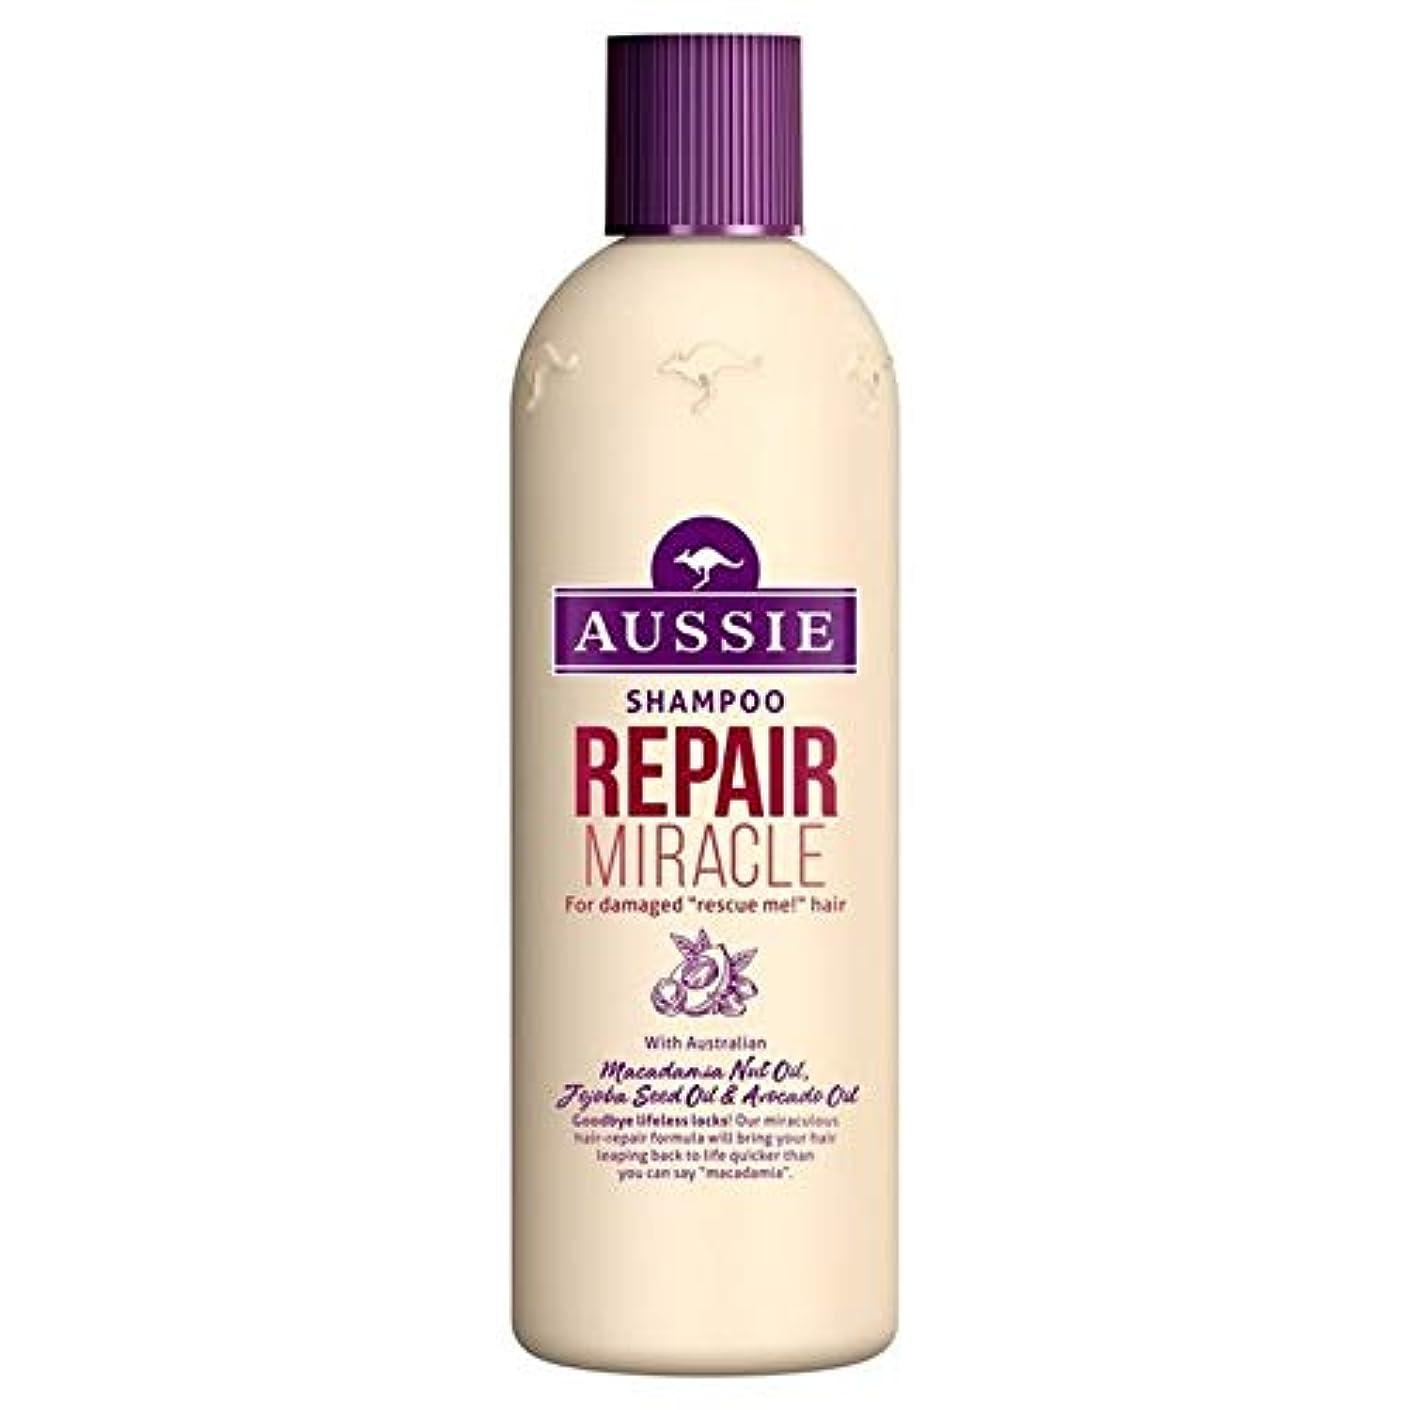 匹敵します必需品コーチ[Aussie ] いたずらな髪の300ミリリットルのすべての種類のオージーシャンプーの修理の奇跡 - Aussie Shampoo Repair Miracle for All Kinds of Naughty Hair...